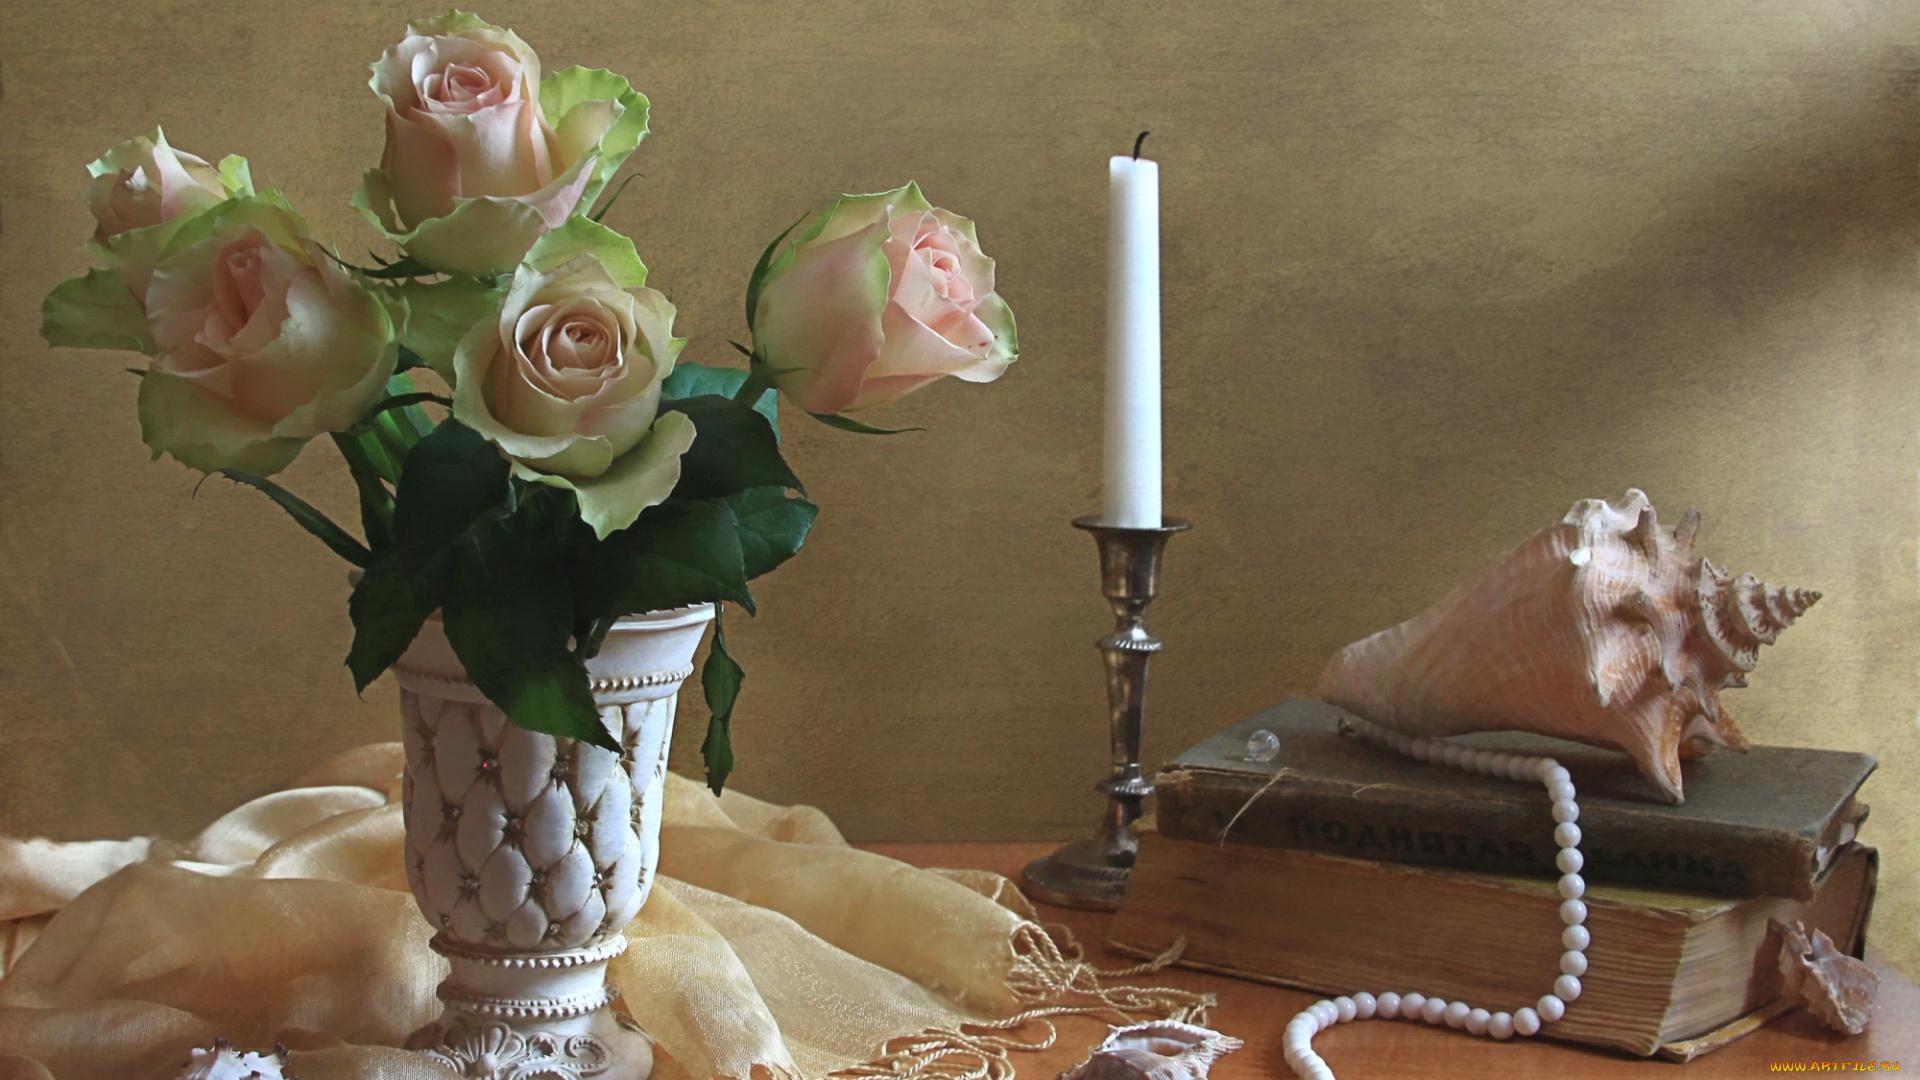 книга цветы роза свеча book flowers rose candle онлайн